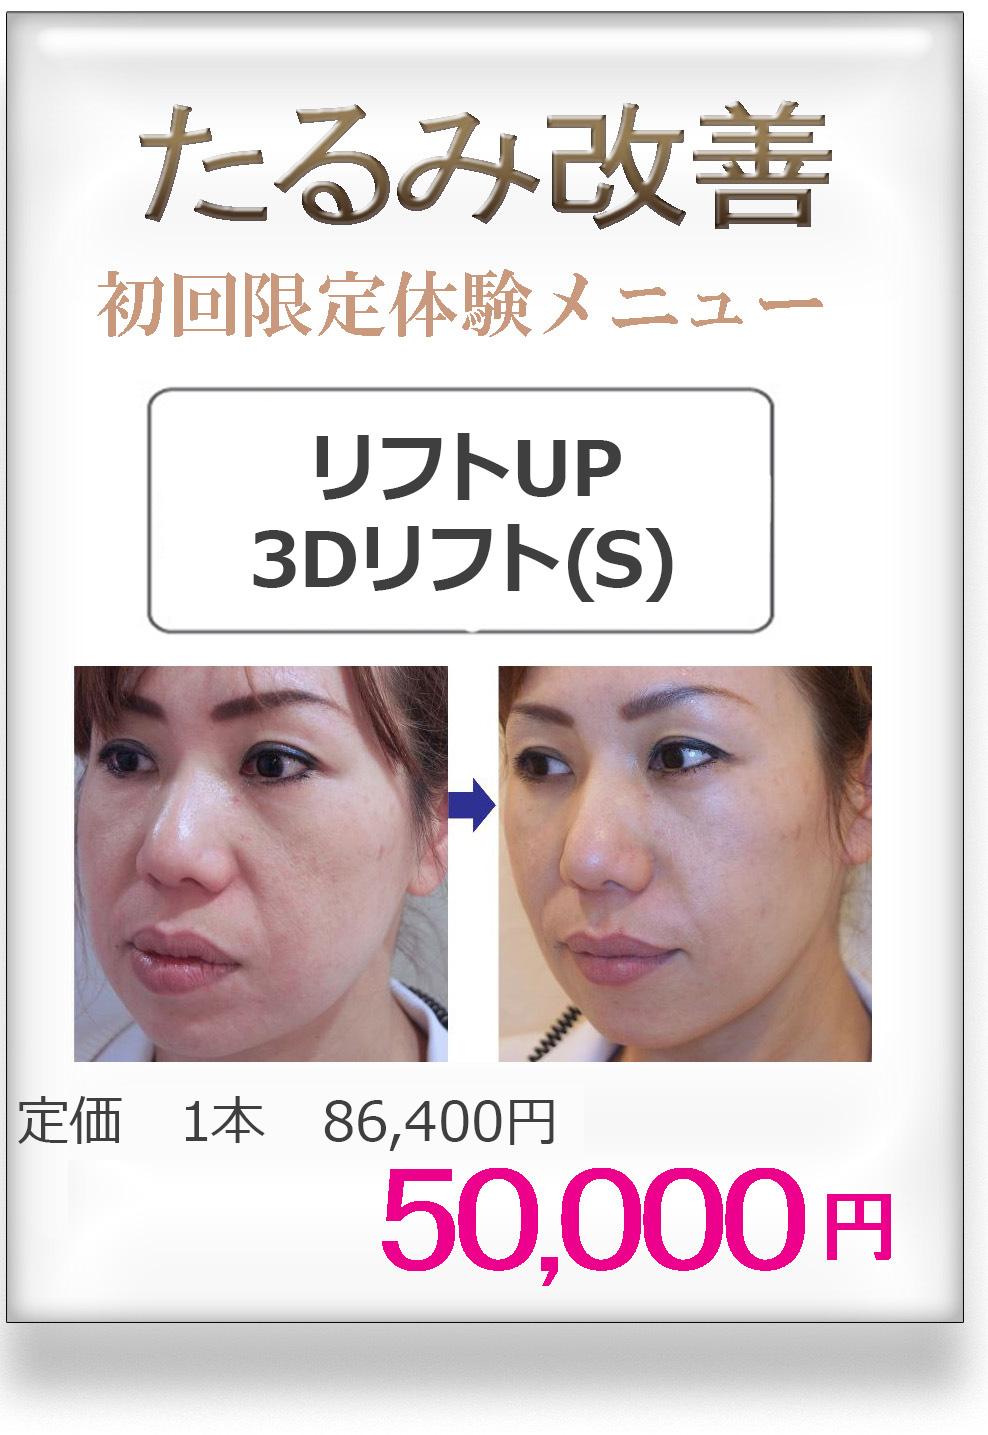 しわたるみ治療 美容外科ピュアメディカルクリニック奈良